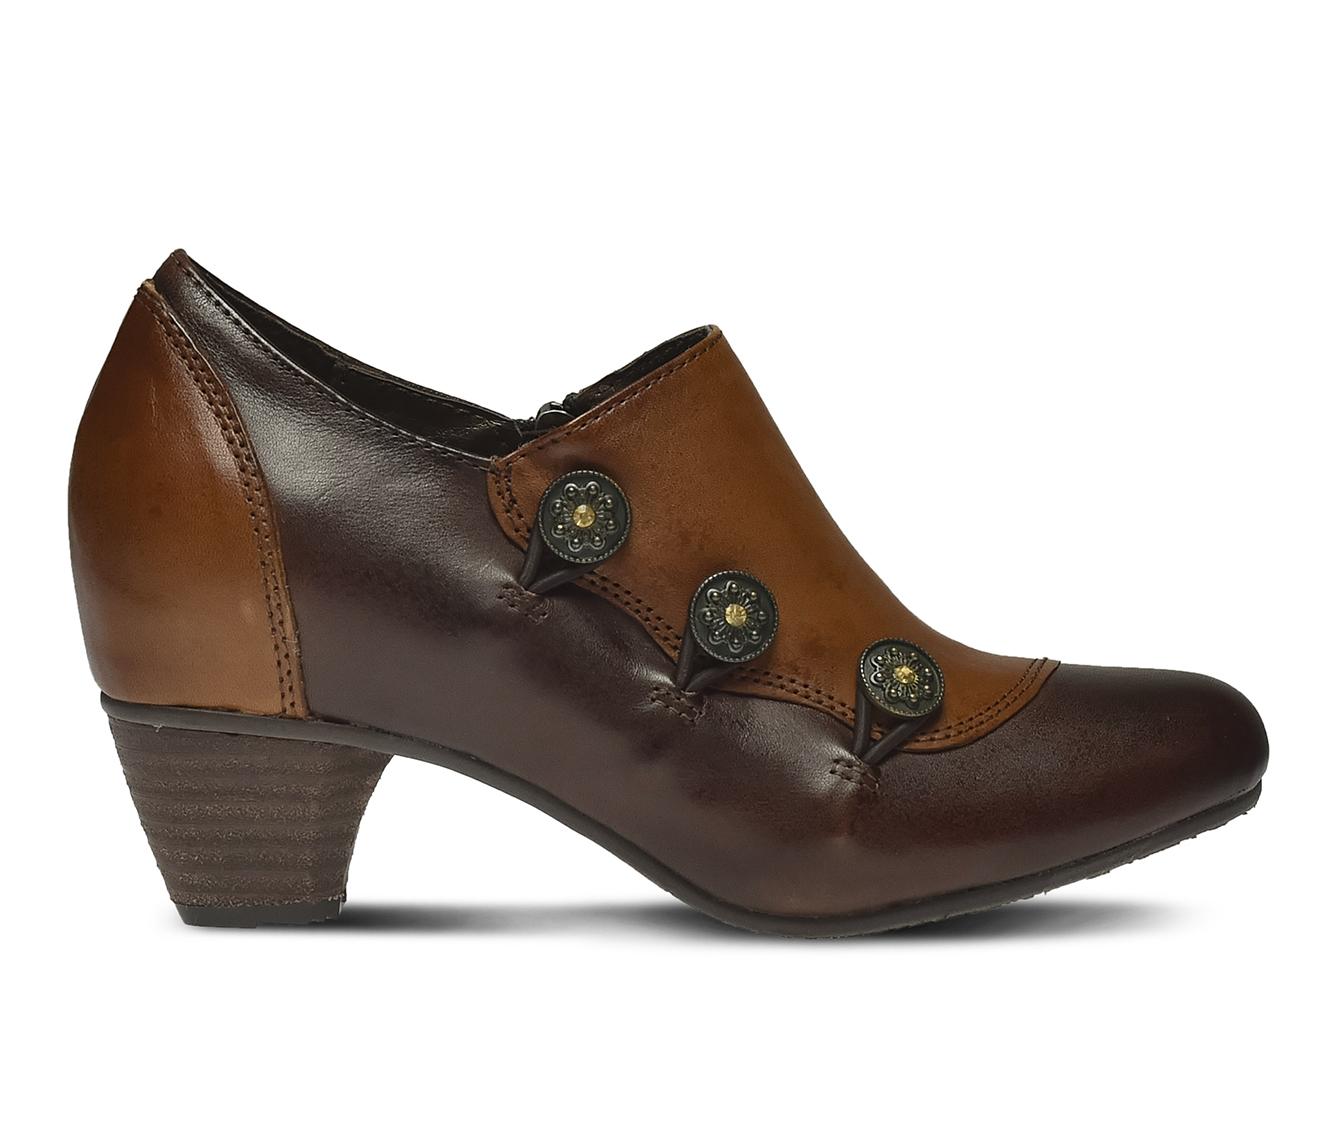 L'Artiste Greentea Women's Dress Shoe (Brown Leather)